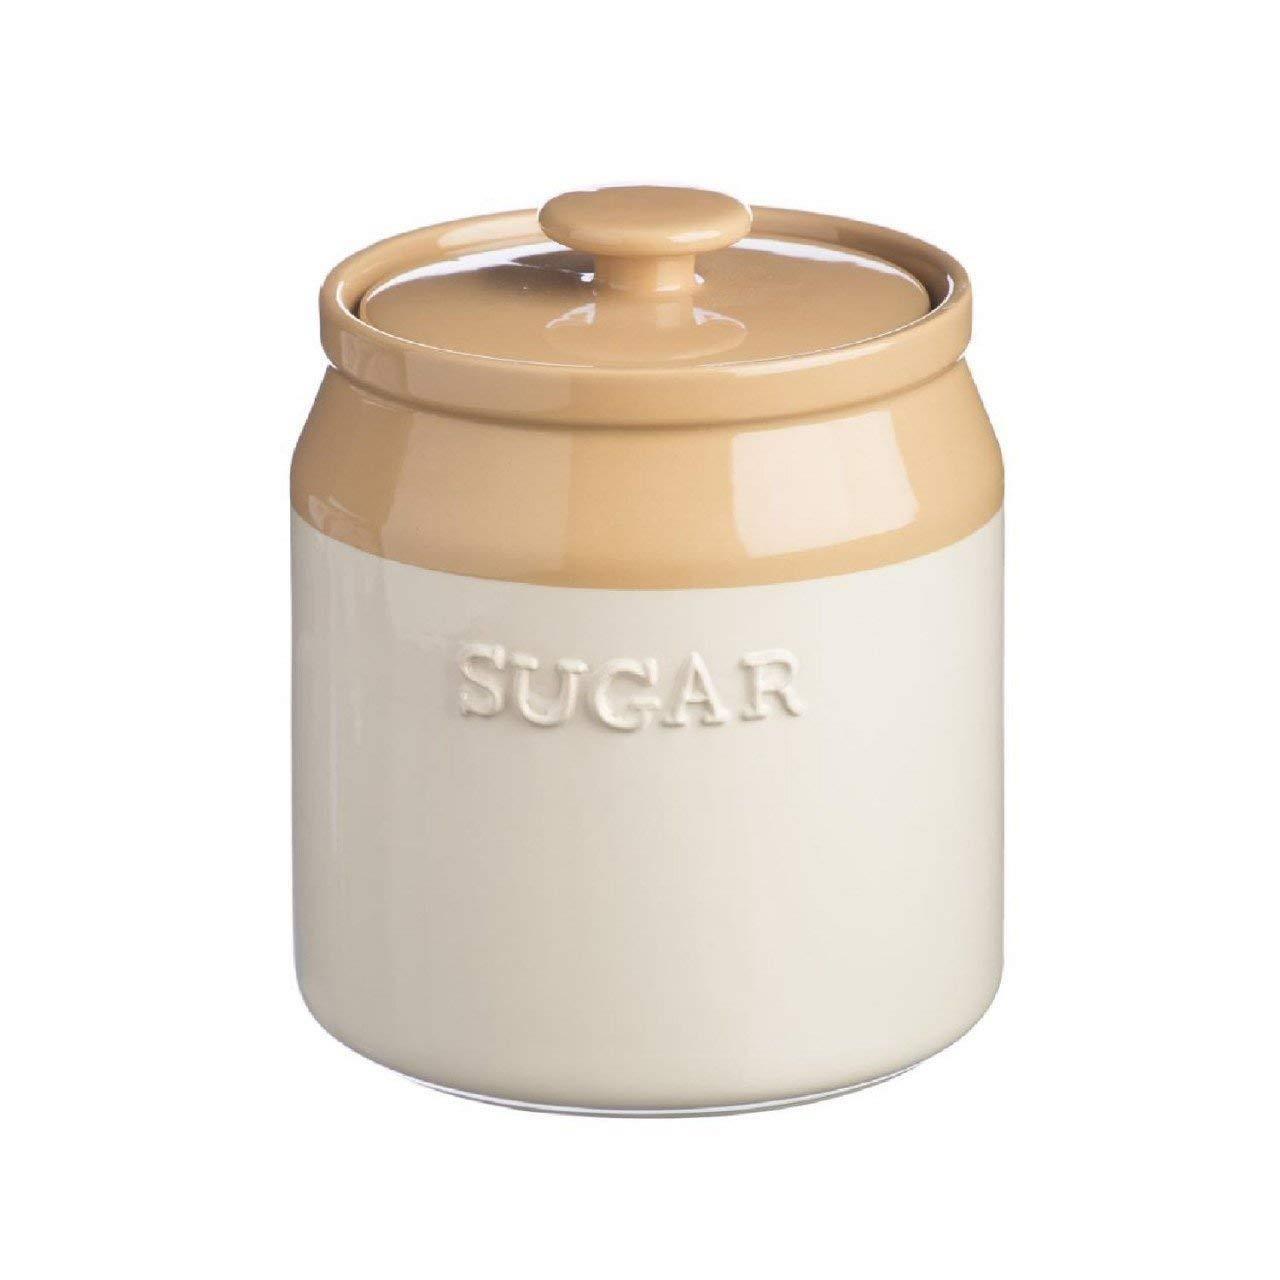 Δοχείο ζάχαρης κεραμικό λευκό/ιβουάρ/μπεζ Mason Cash 8020031